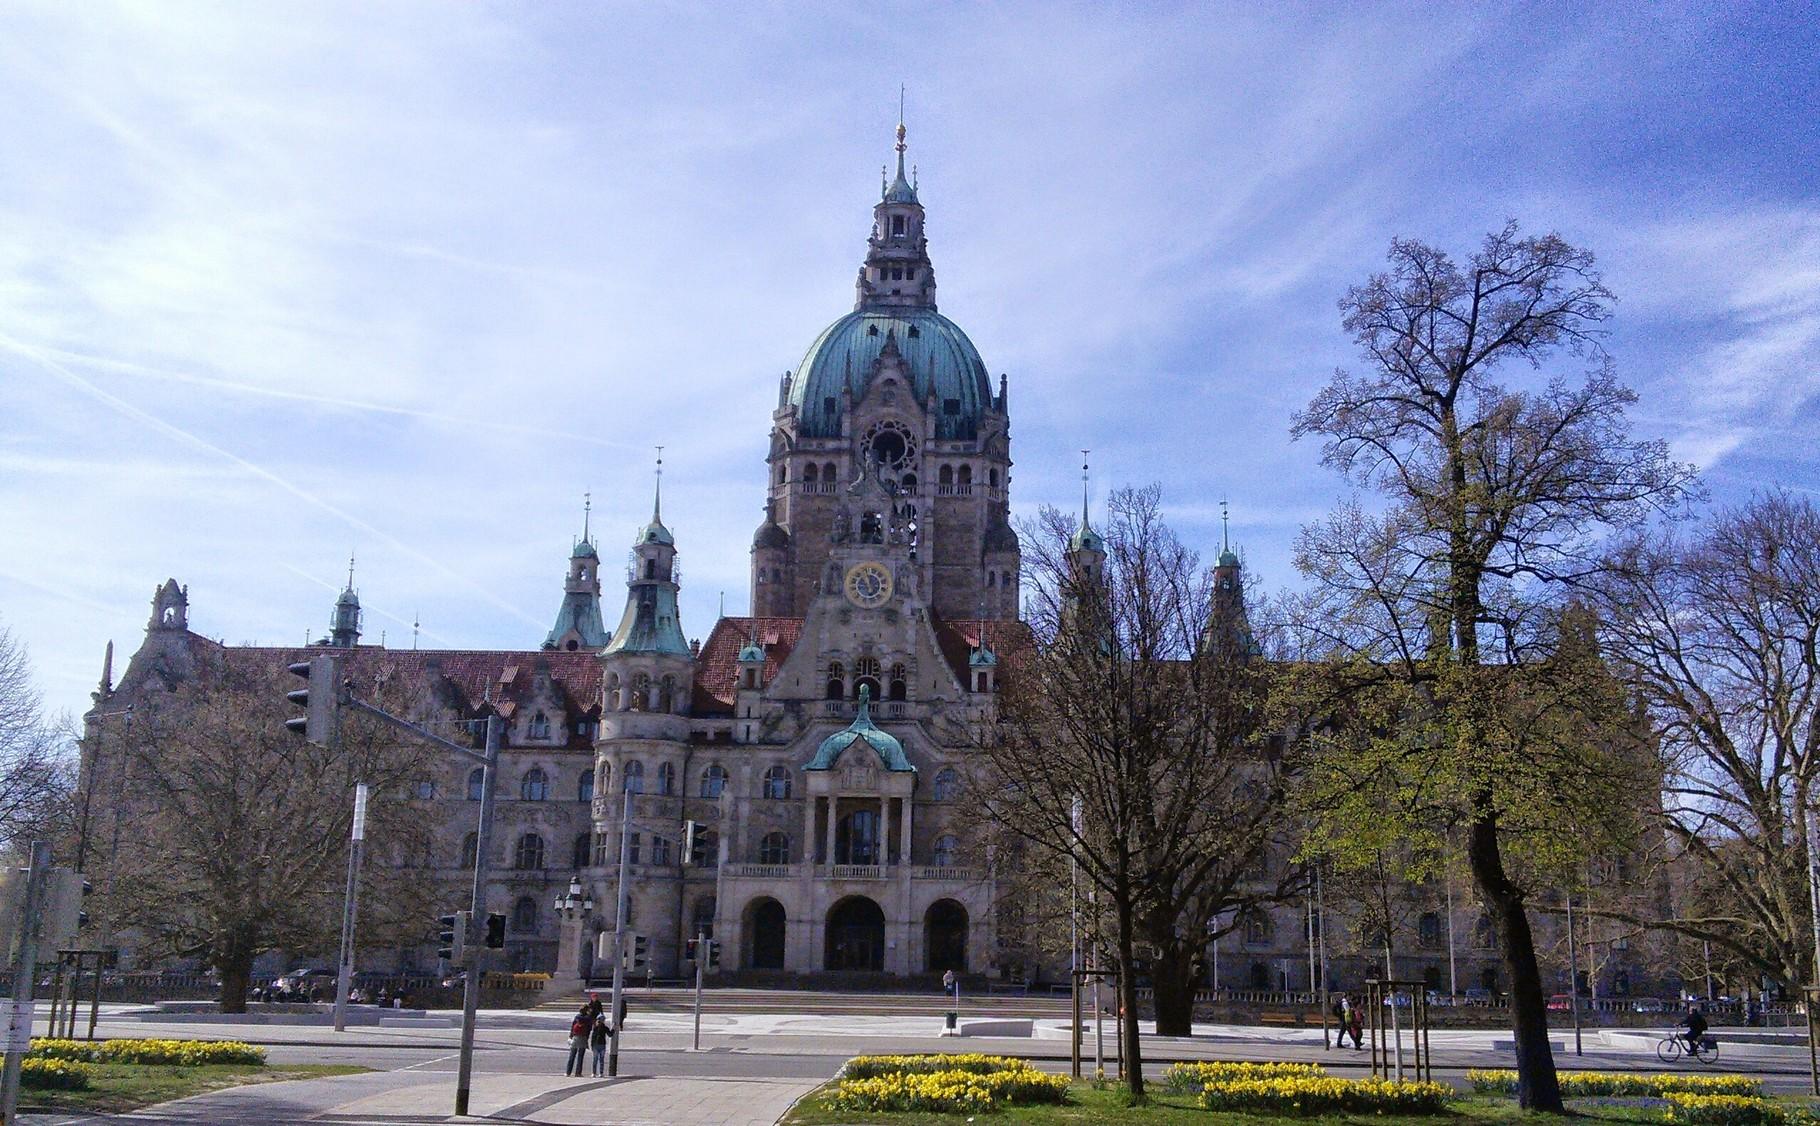 Neues Rathaus Hannover Vorderansicht